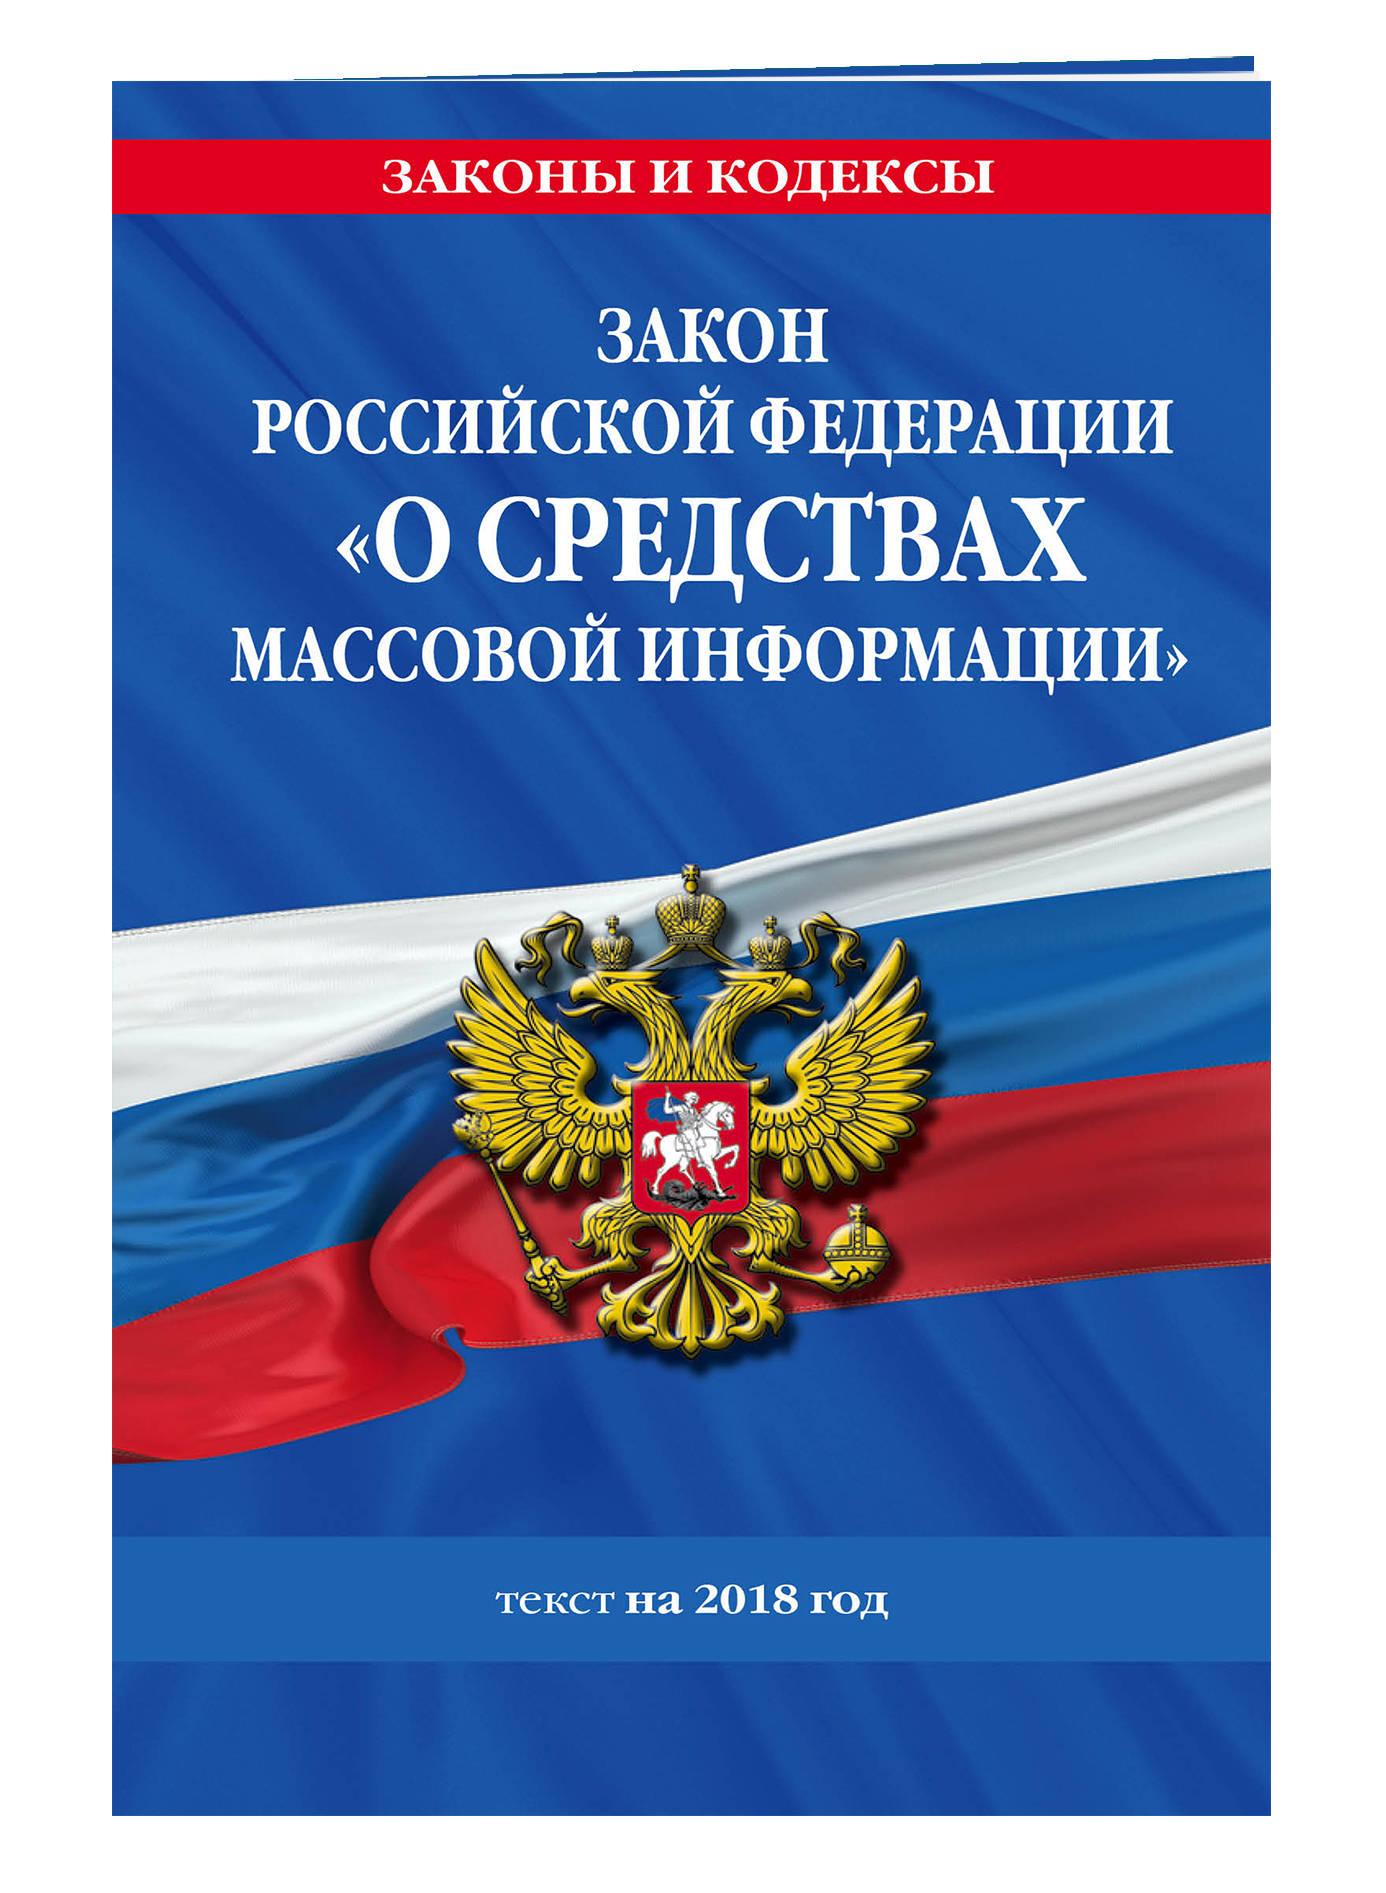 Закон РФ «О средствах массовой информации»: текст на 2018 год